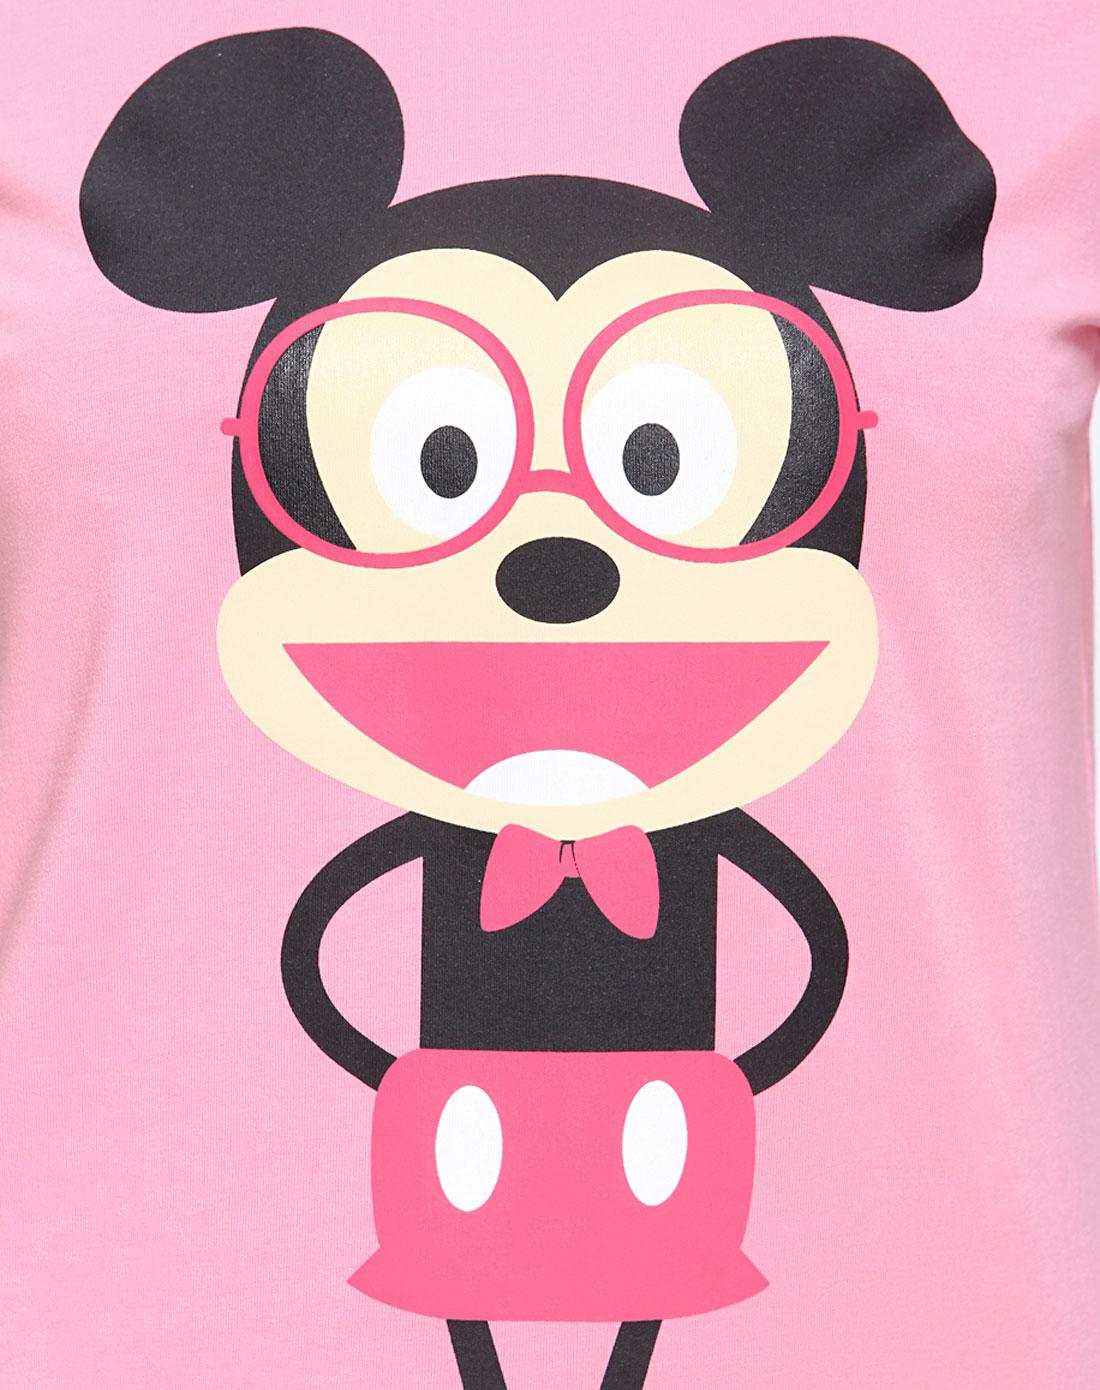 桃红色眼镜爆笑可爱米奇短袖t恤